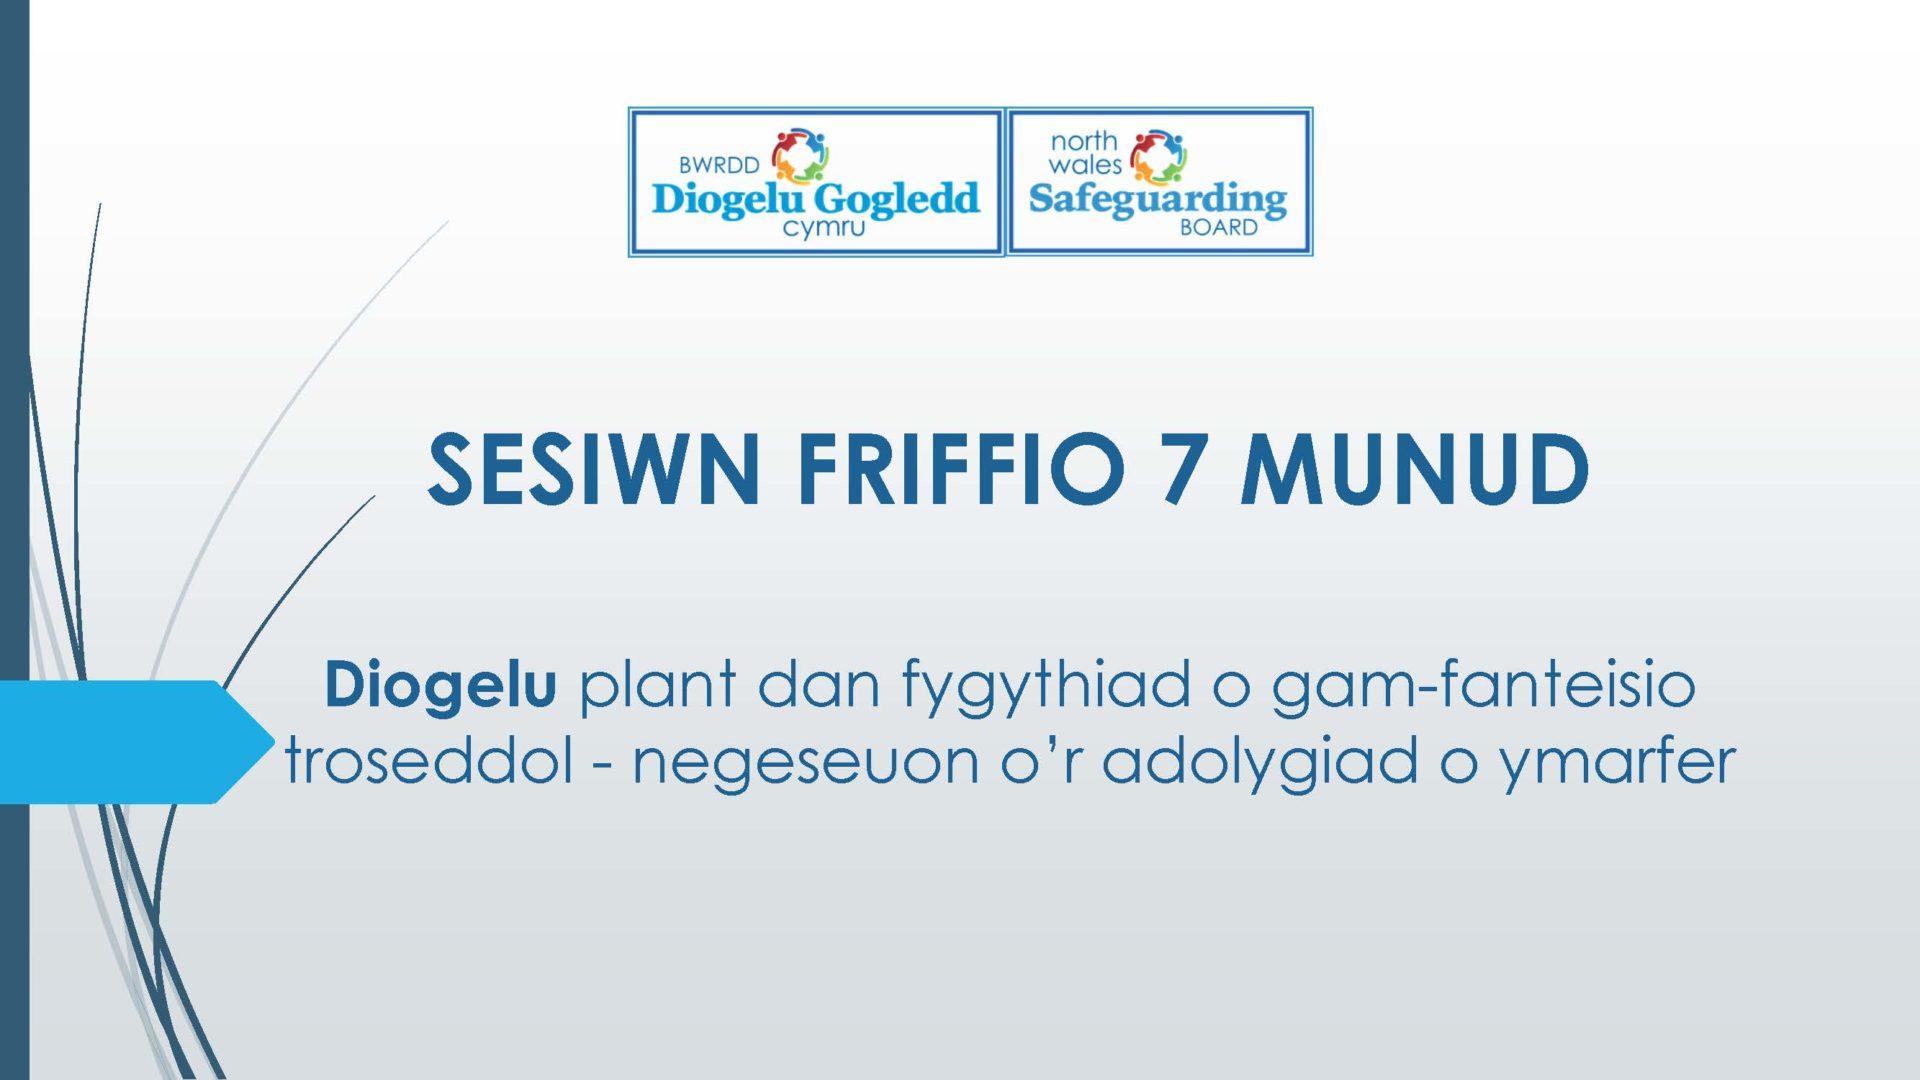 Diogelu plant dan fygythiad o gam-fanteisio troseddol - negeseuon o'r adolygiad o ymarfer